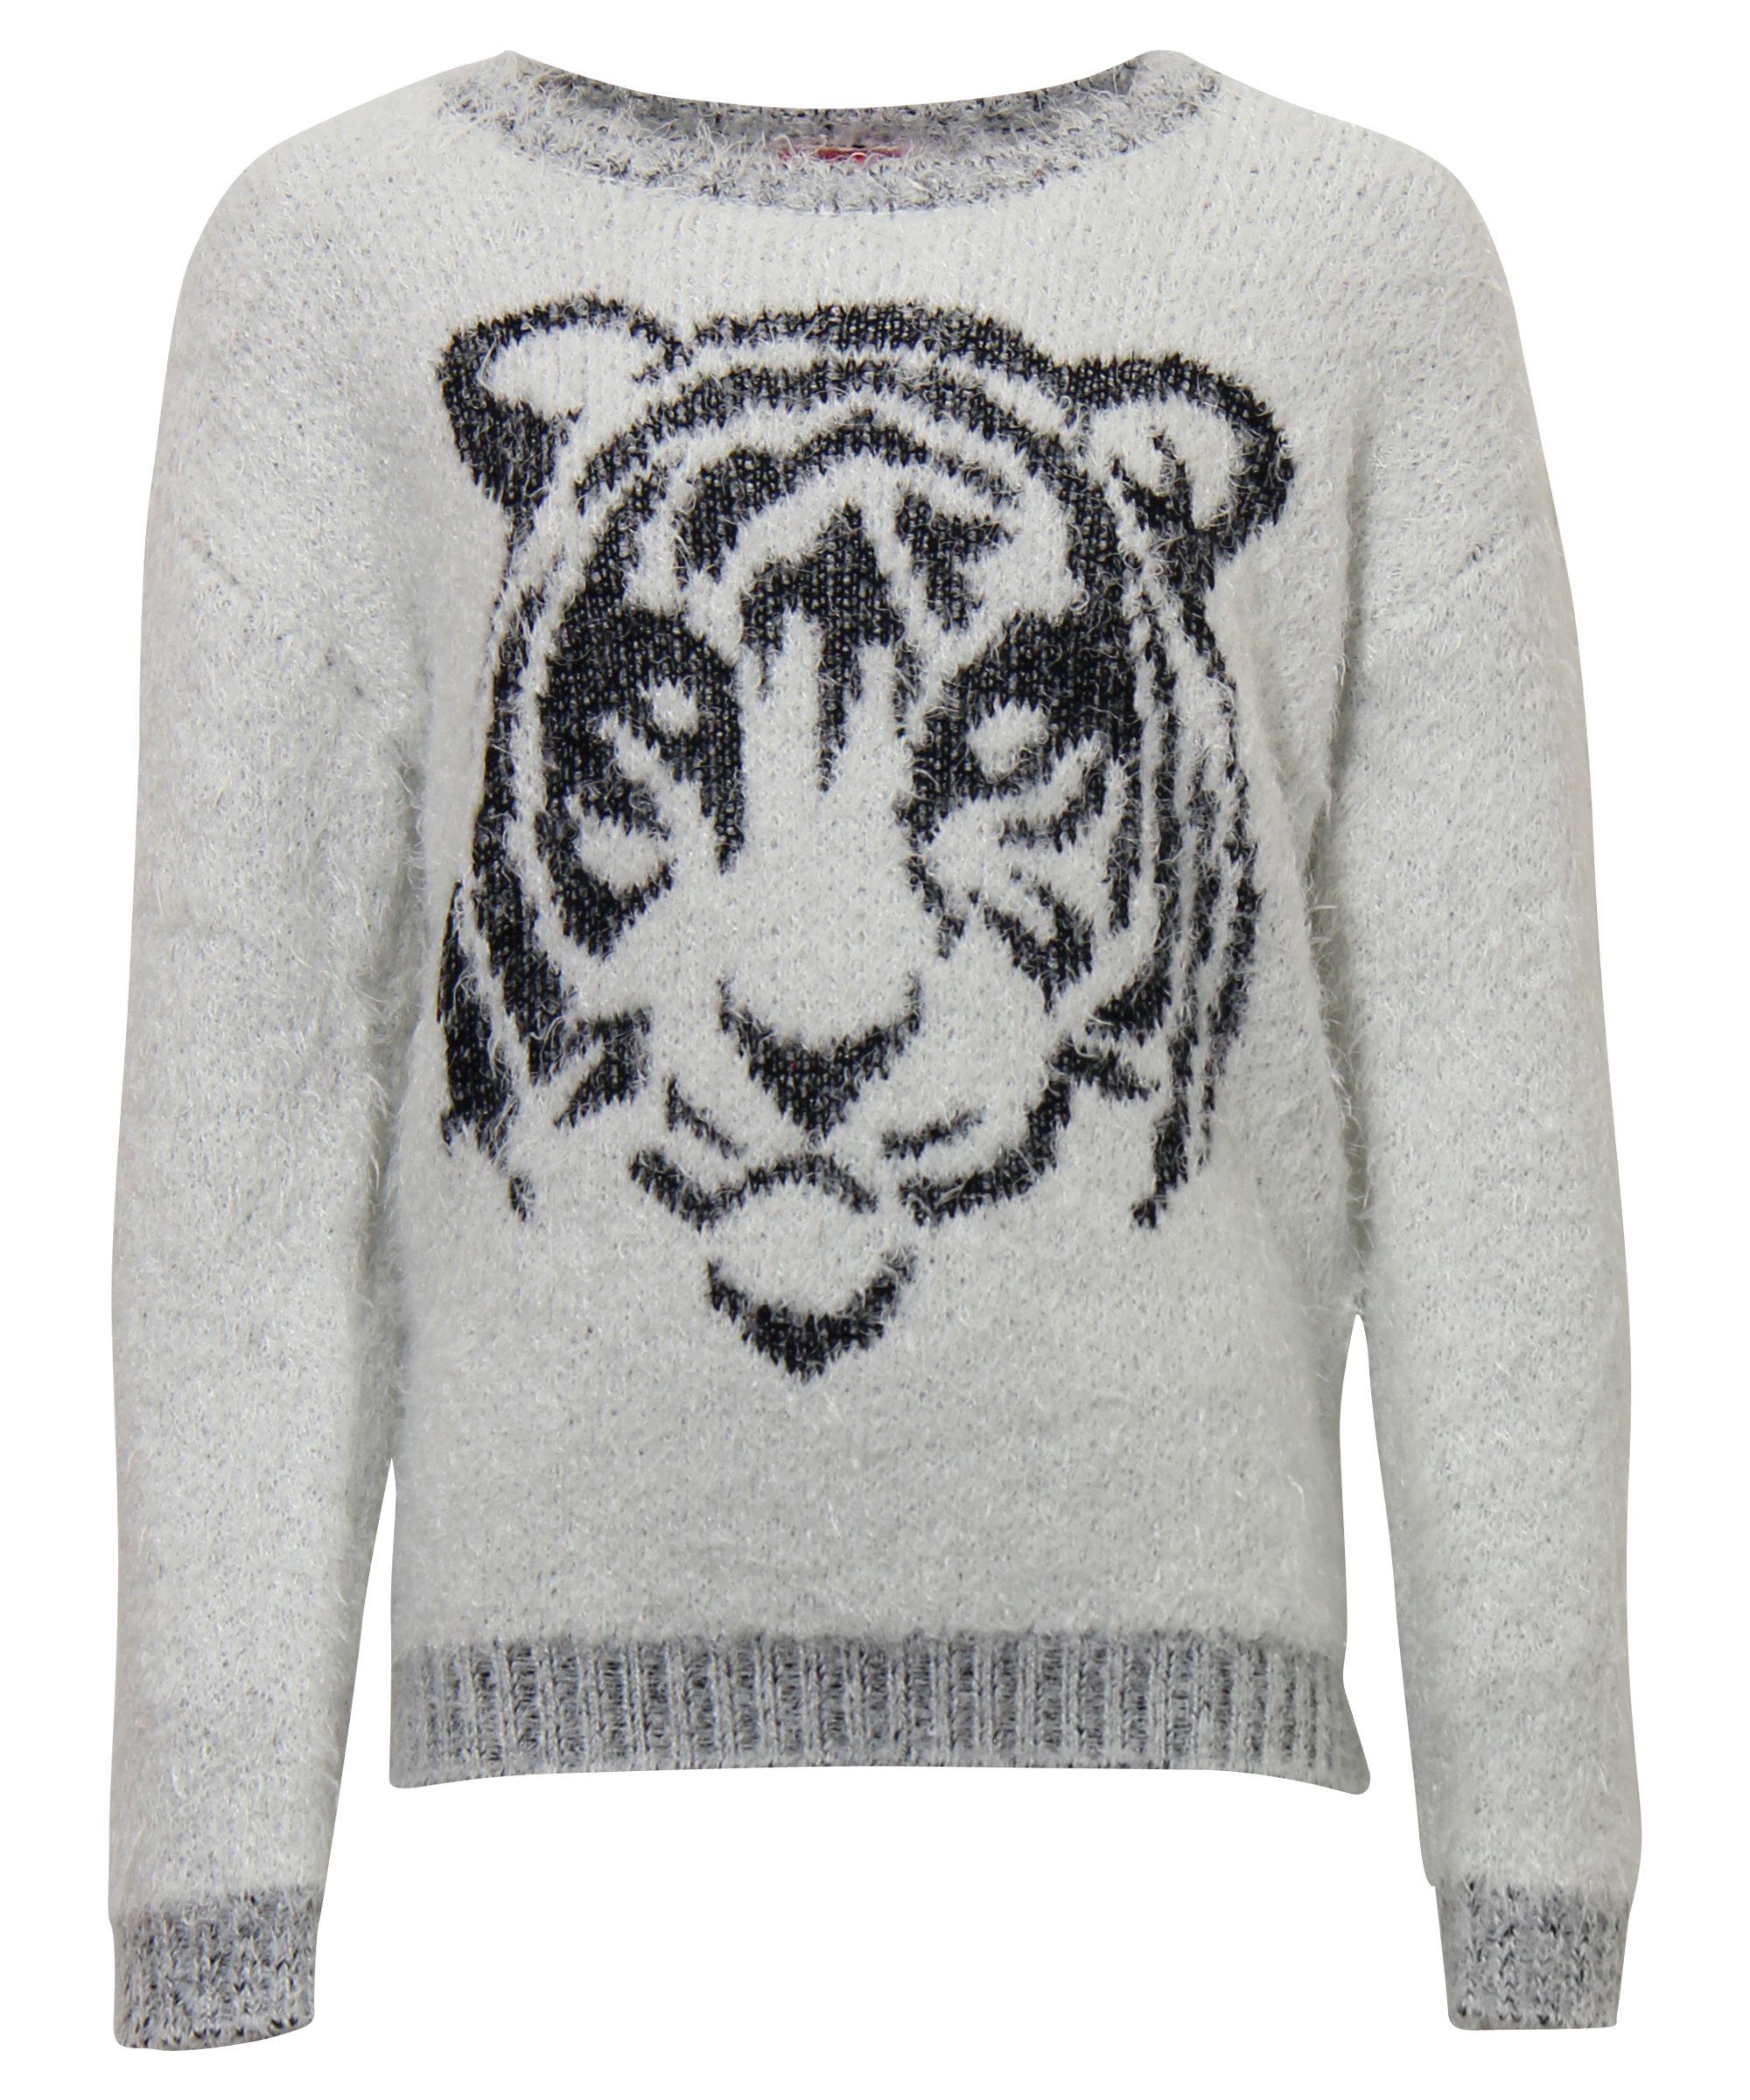 Tijgerprint Trui.Sweater Met Tijgerprint Voor Dames Bestel Hem Nu Op Www Terstal Nl